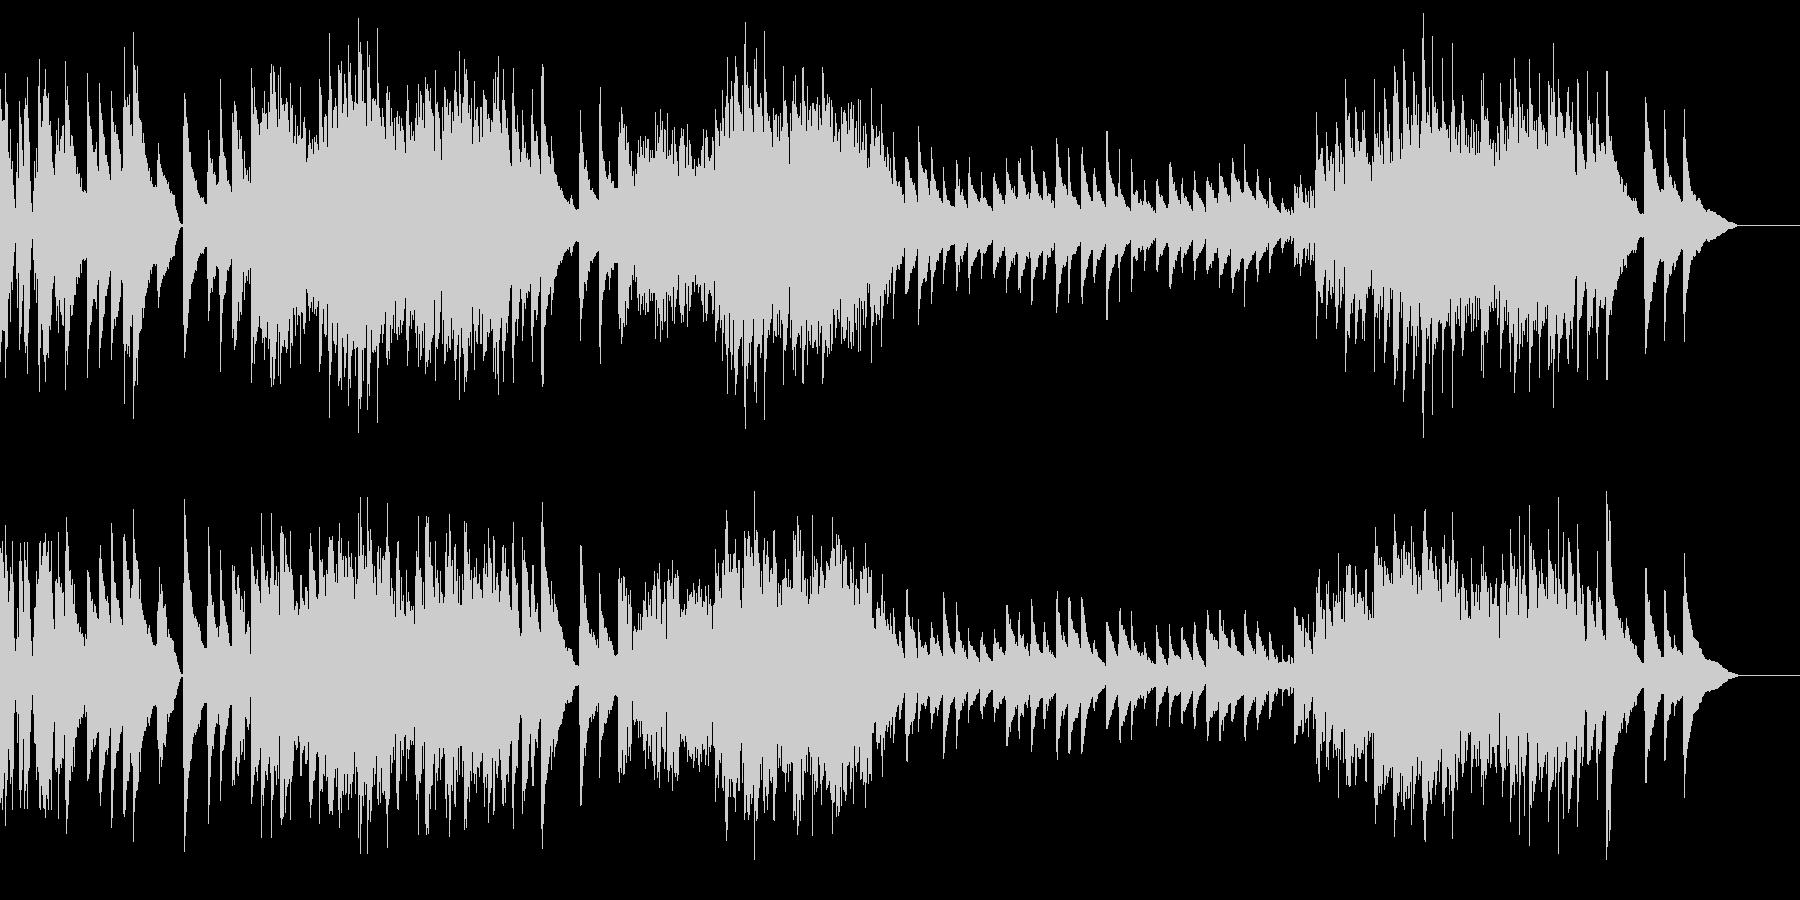 クラシック曲風の激しいピアノの未再生の波形